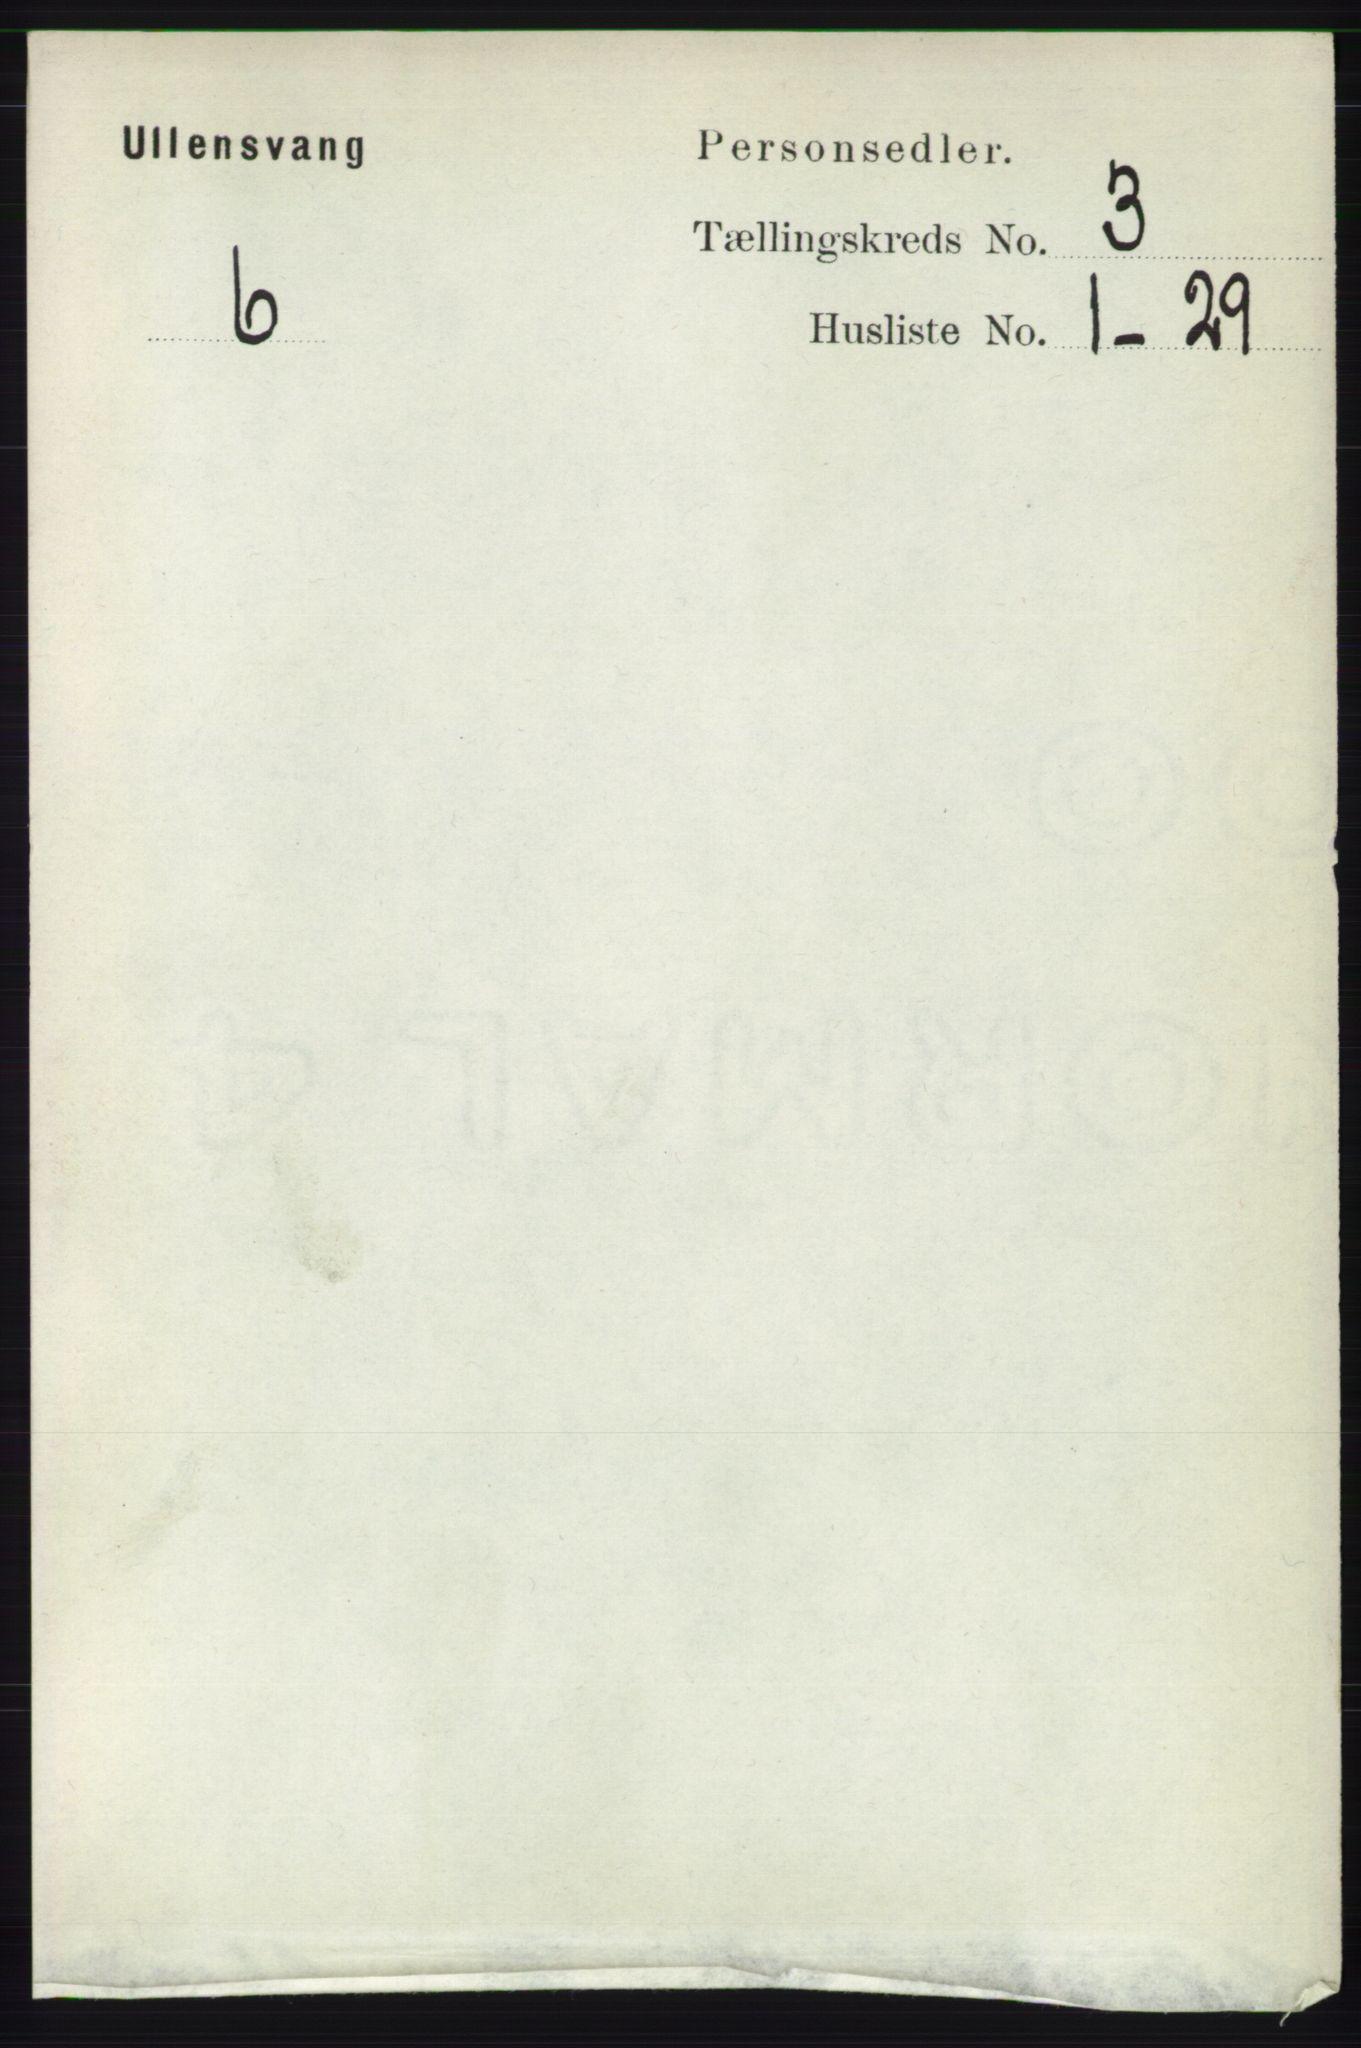 RA, Folketelling 1891 for 1230 Ullensvang herred, 1891, s. 584